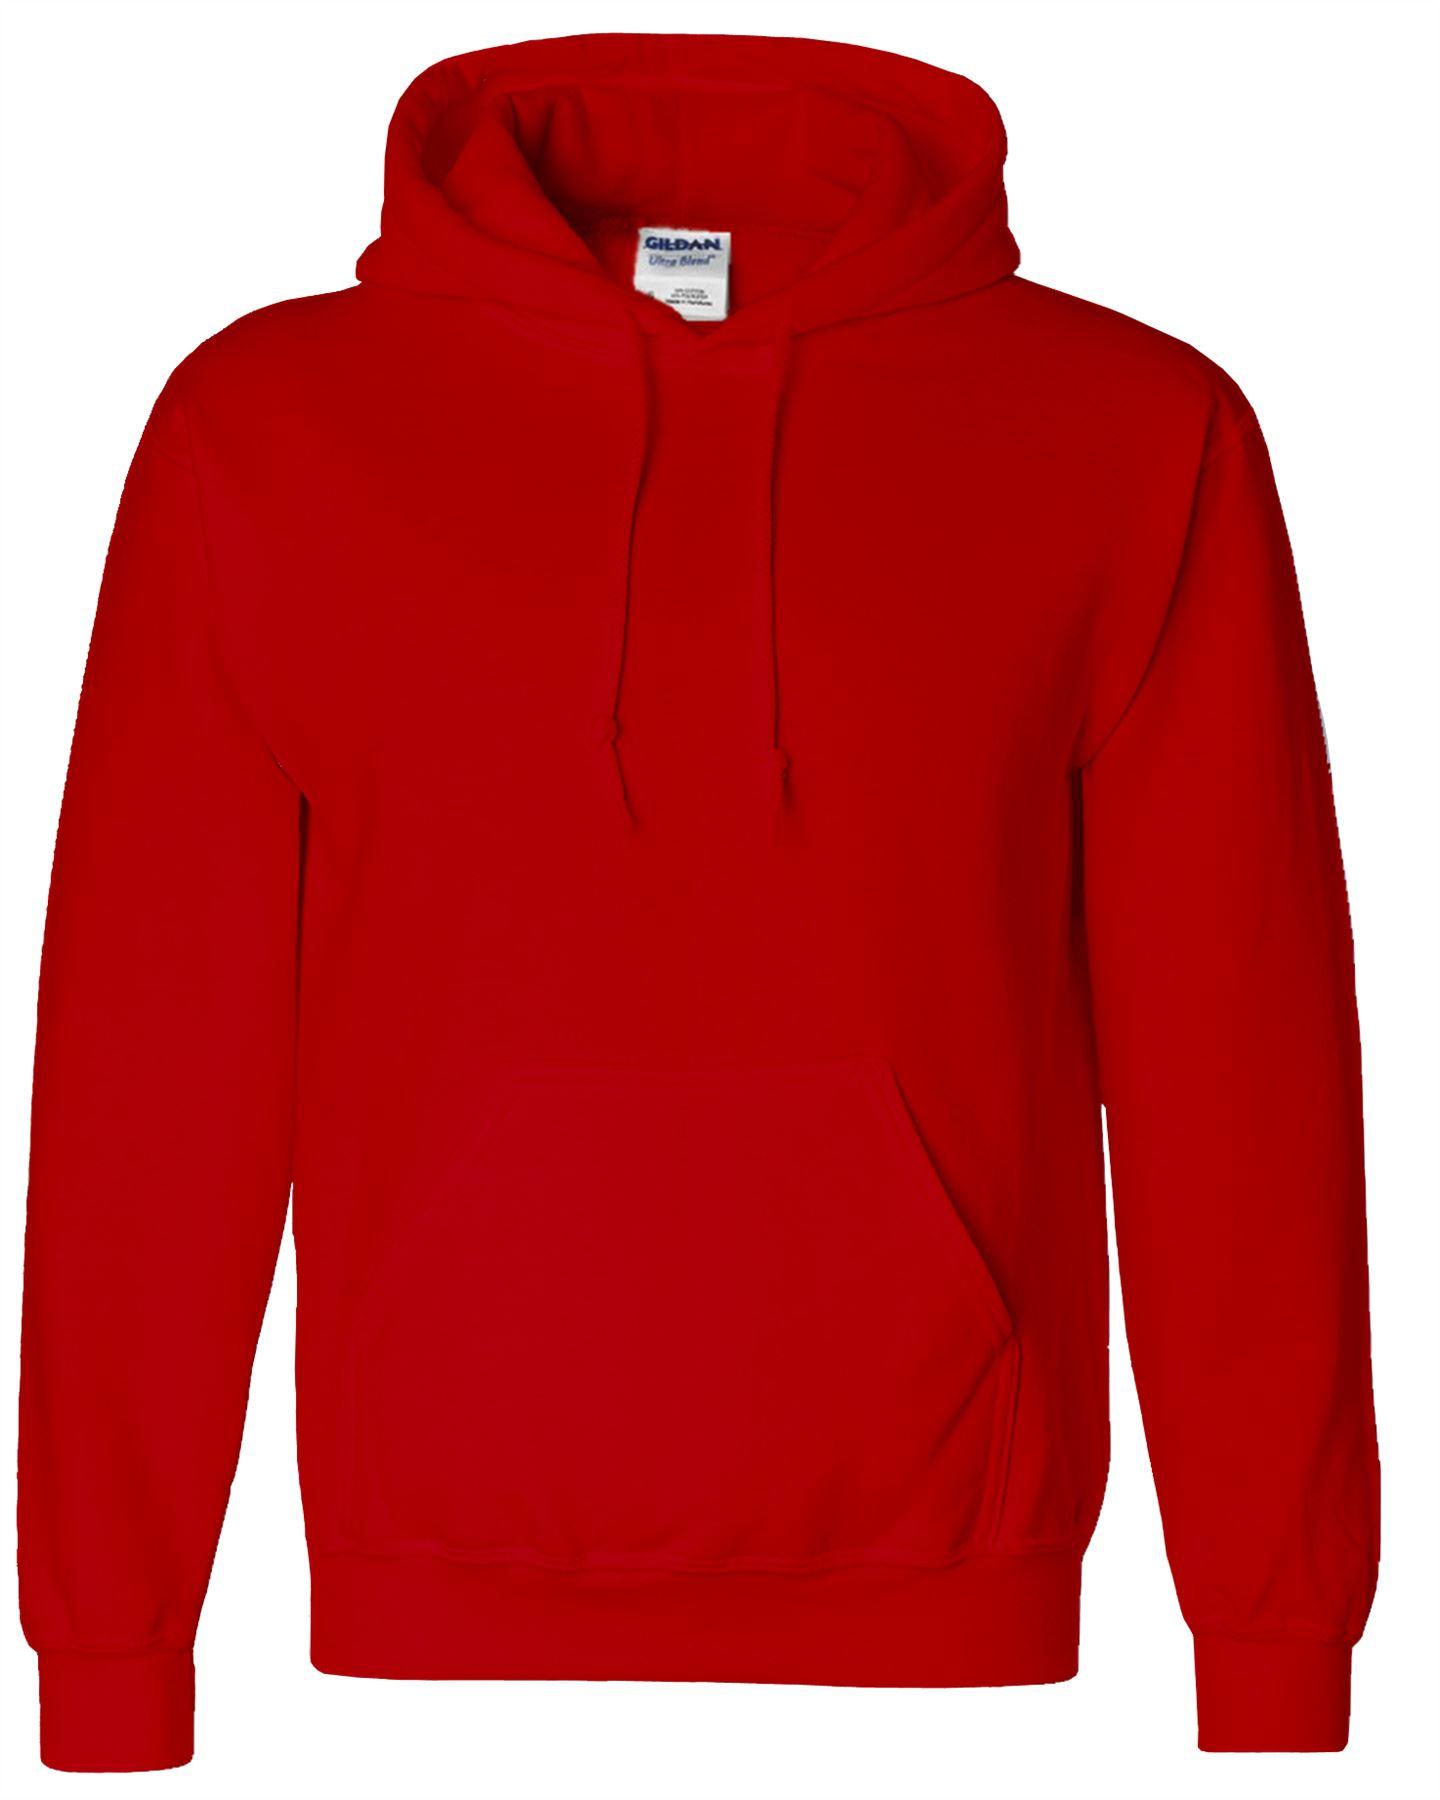 New Men Boy Unisex Gildan Heavy Blend Plain Hooded Sweatshirt Sweat Hoody Jumper